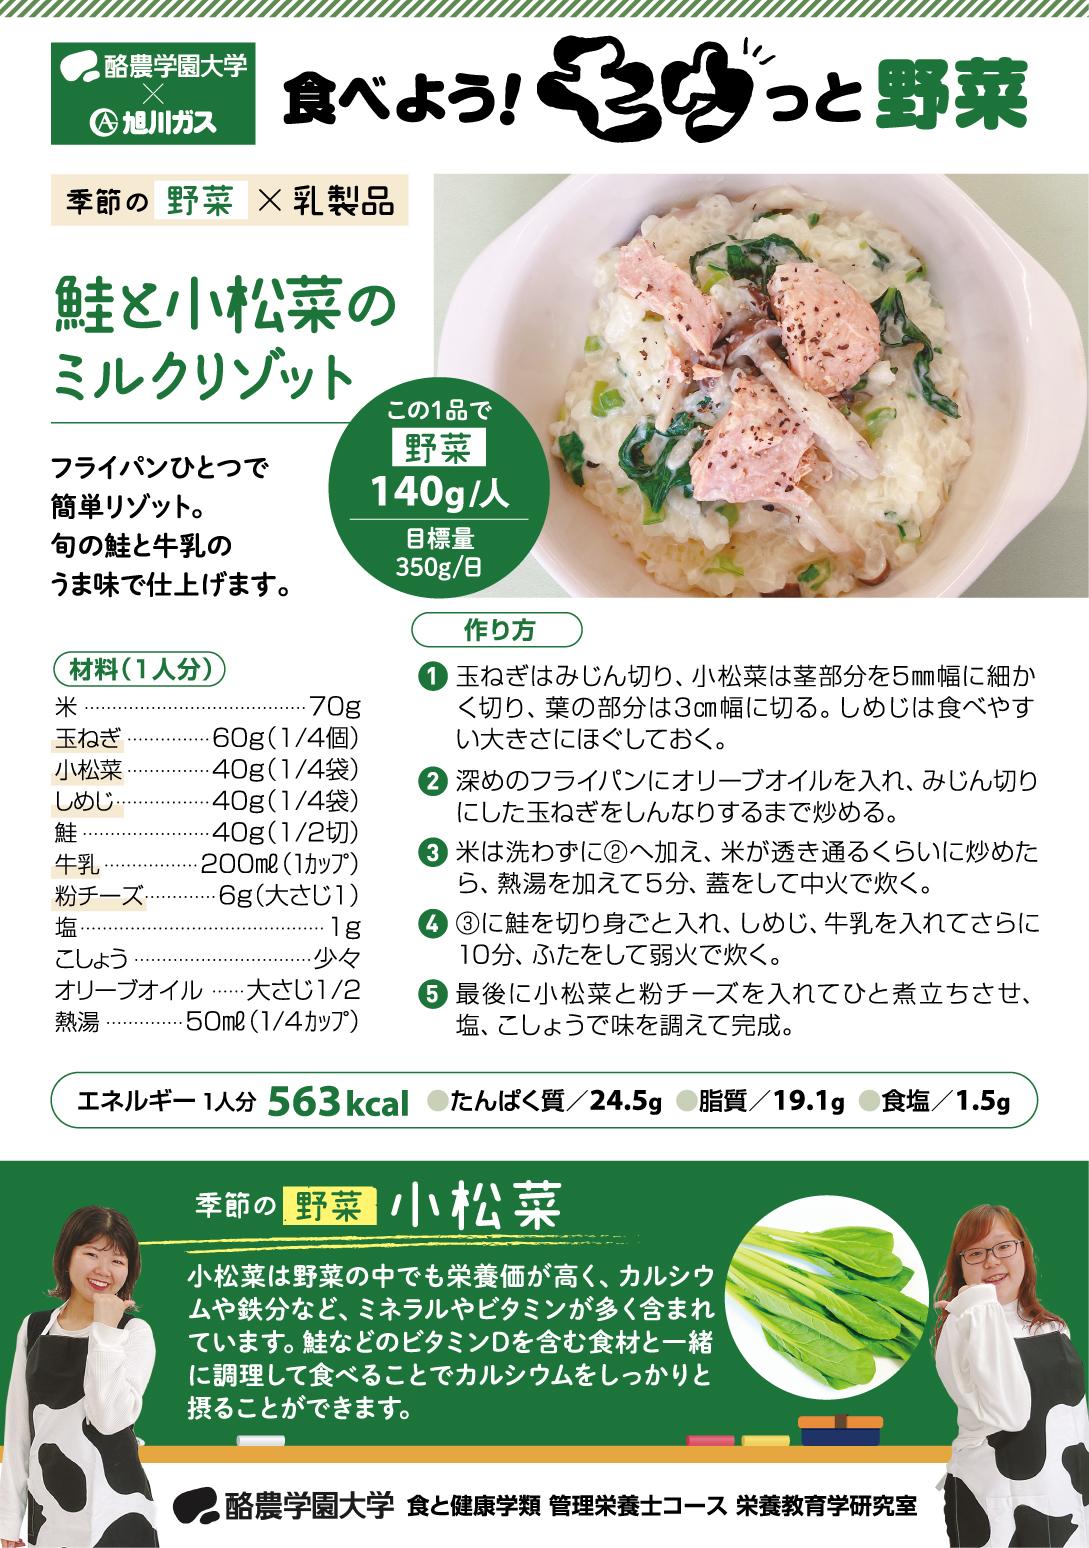 食べよう!モウっと野菜「鮭と小松菜のミルクリゾット」(ガスだより「ほっと」10月号より)